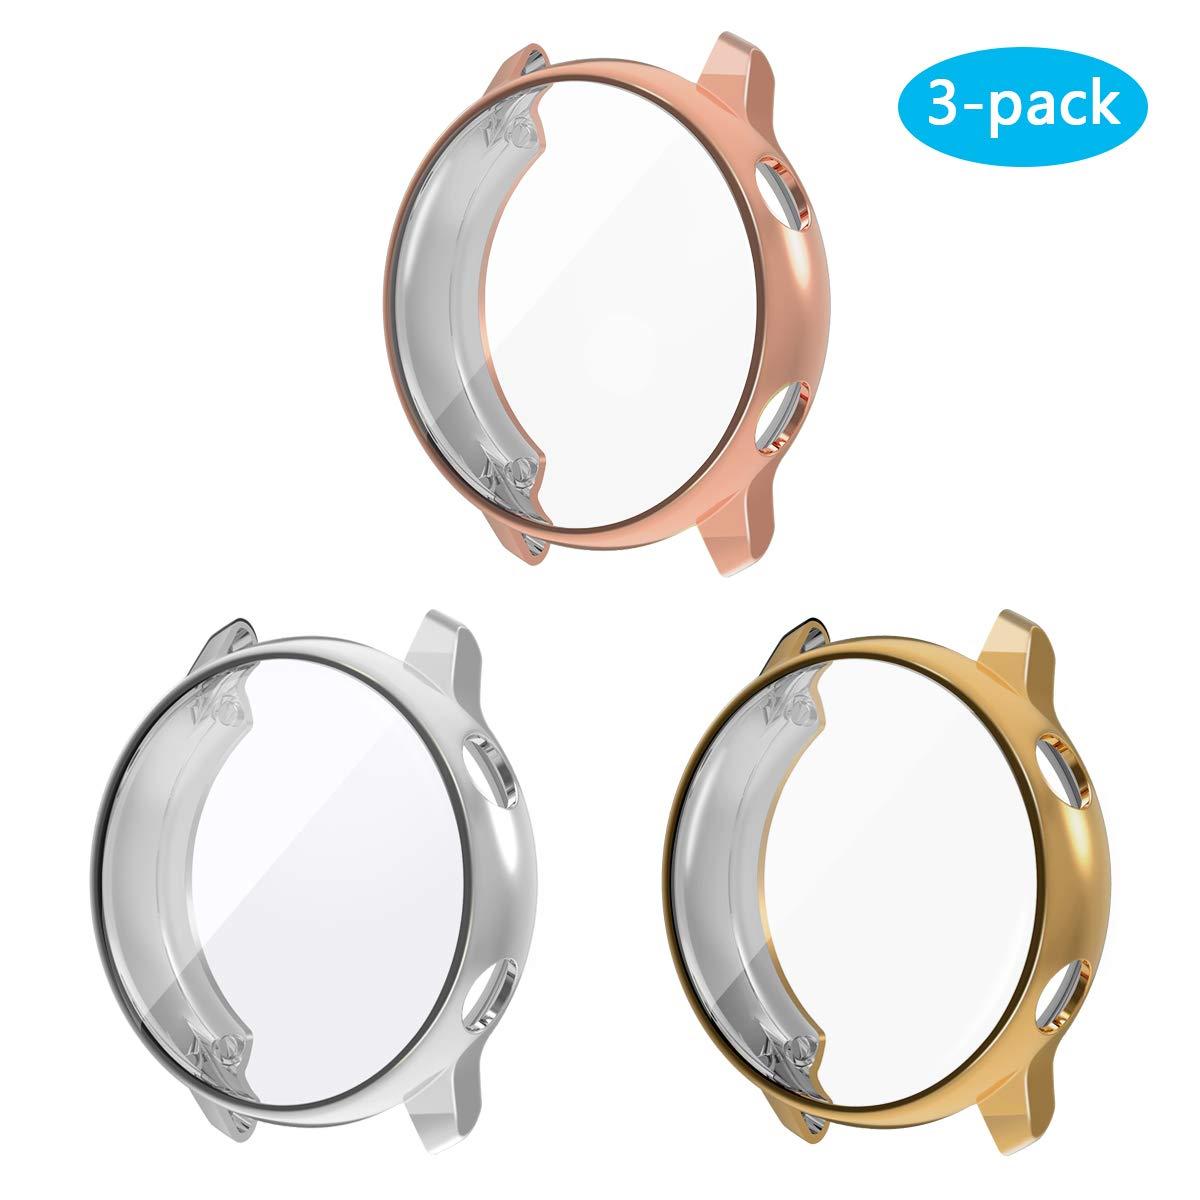 3 Protectores Para Samsung Galaxy Watch Active [rg+s+g]